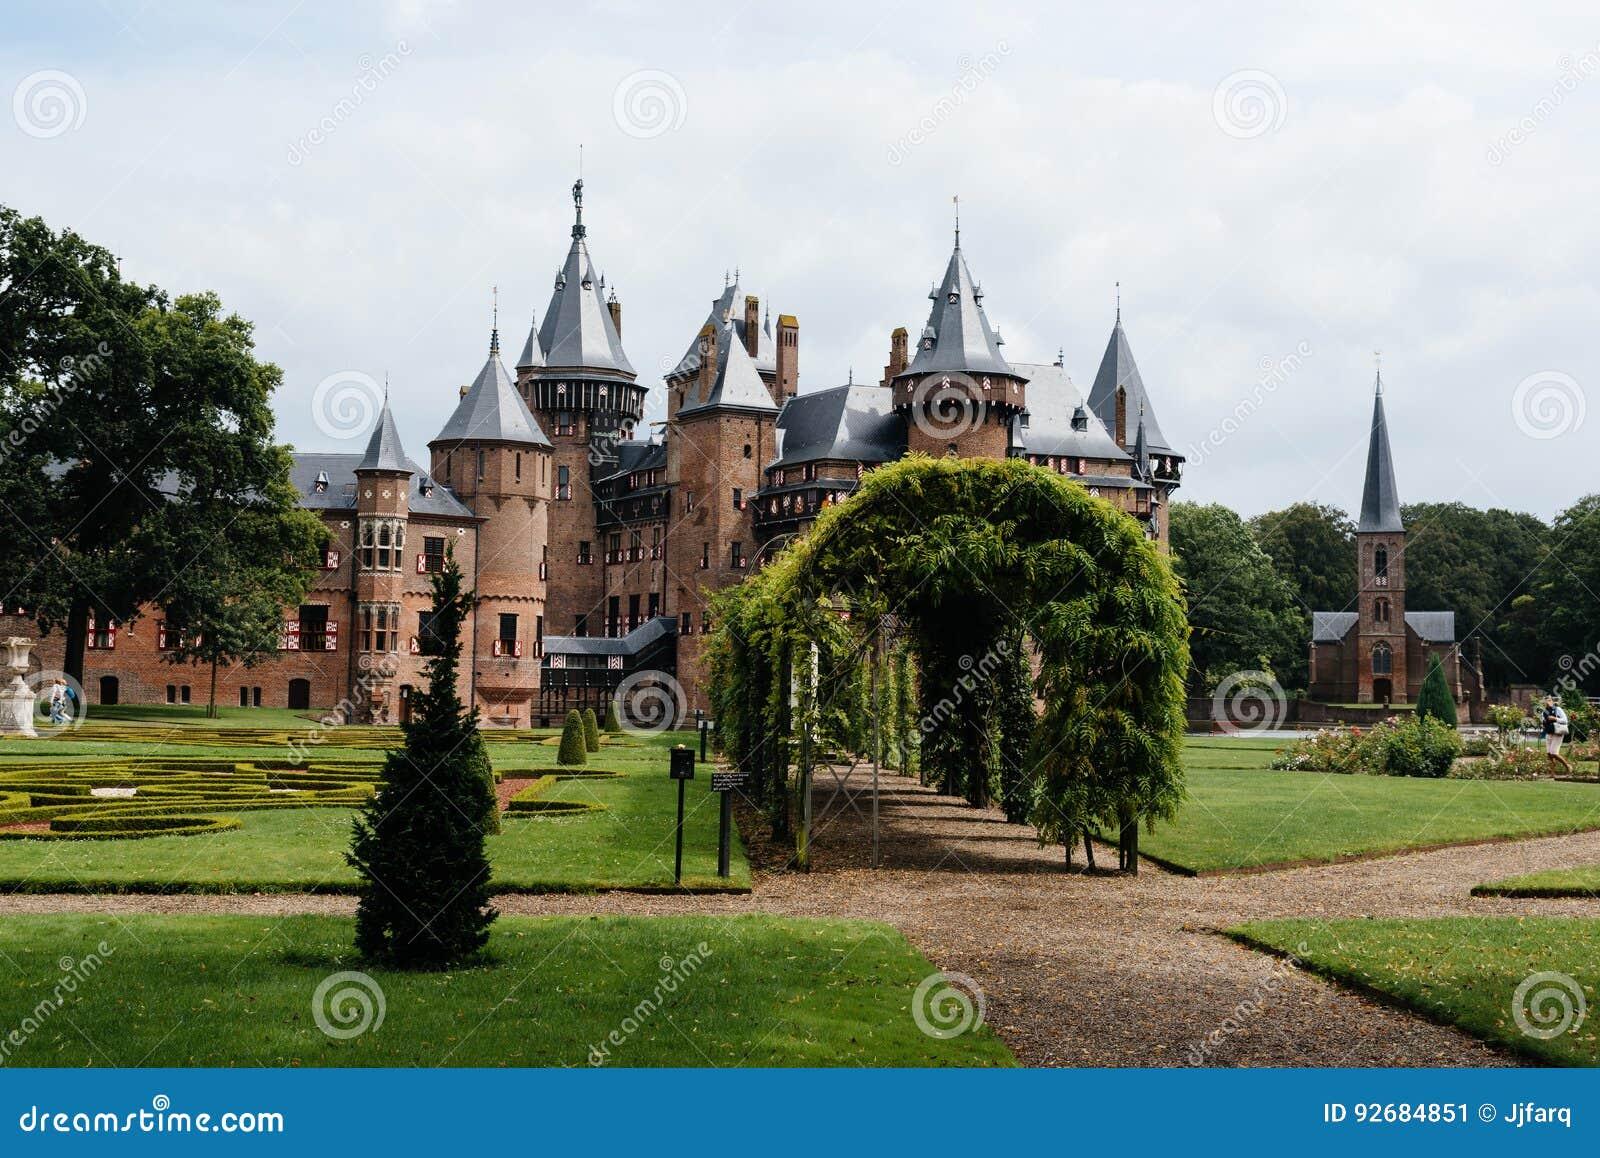 El De Haar Castle es el castillo más grande de los Países Bajos